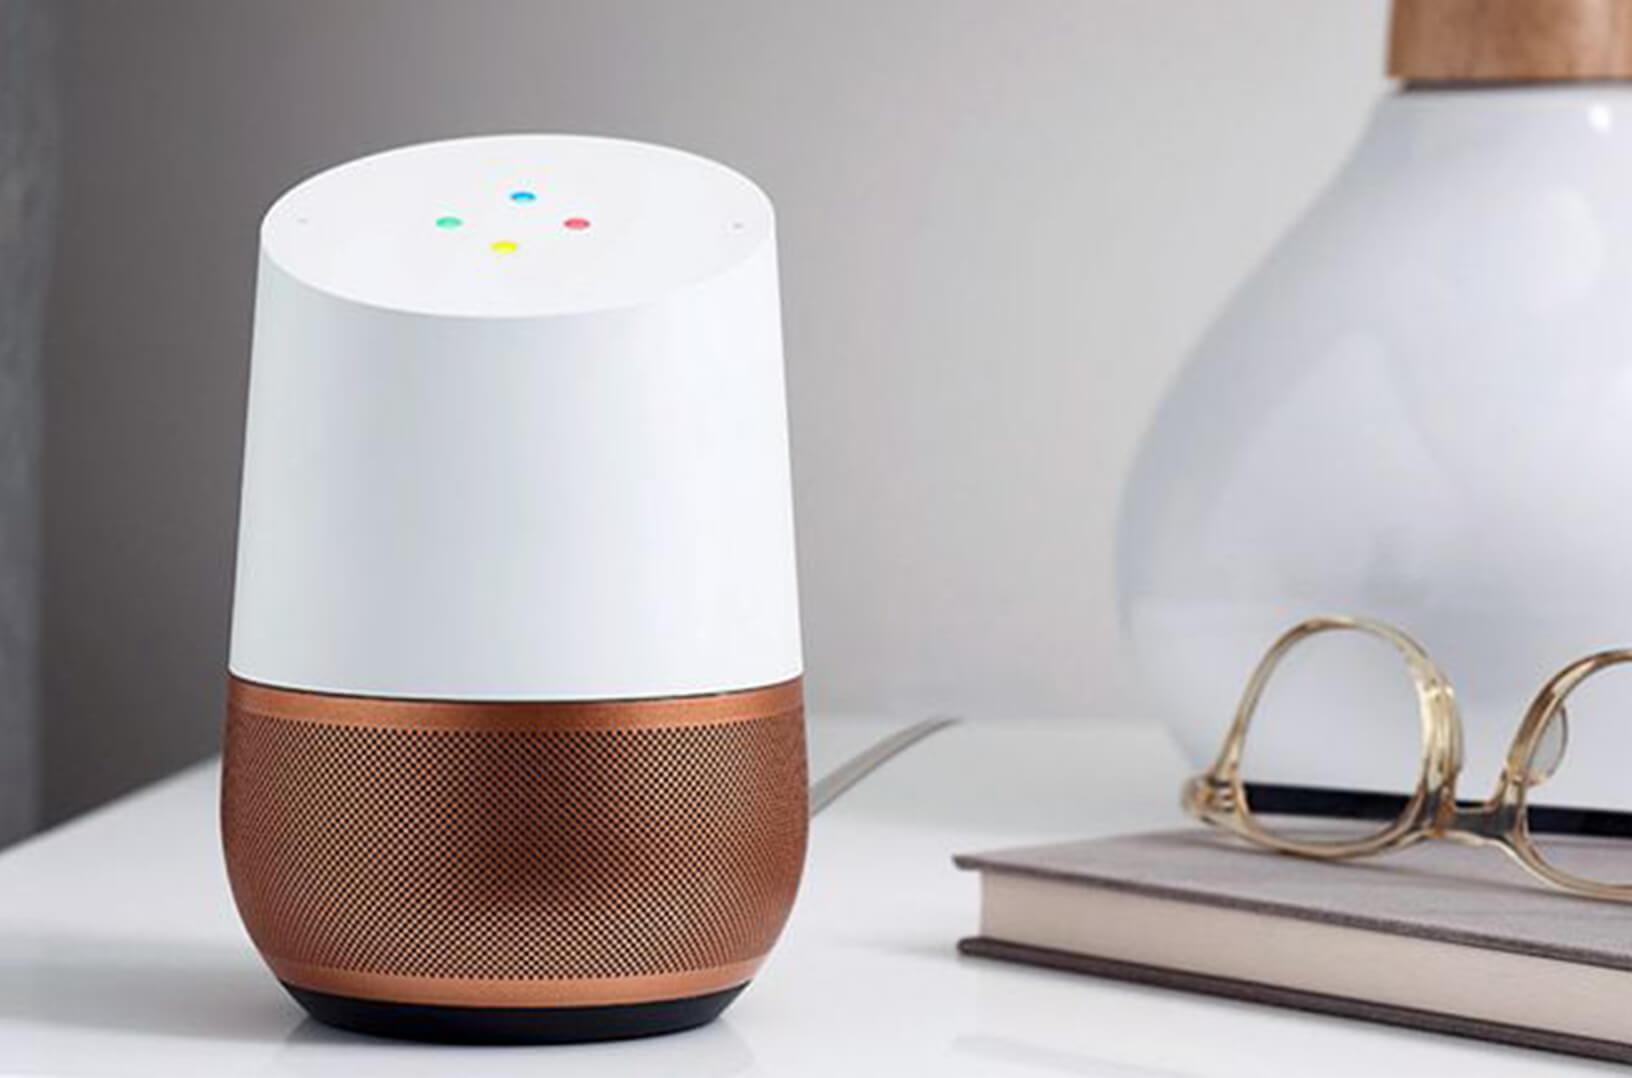 gogle - Google Home começa a receber suporte para o português